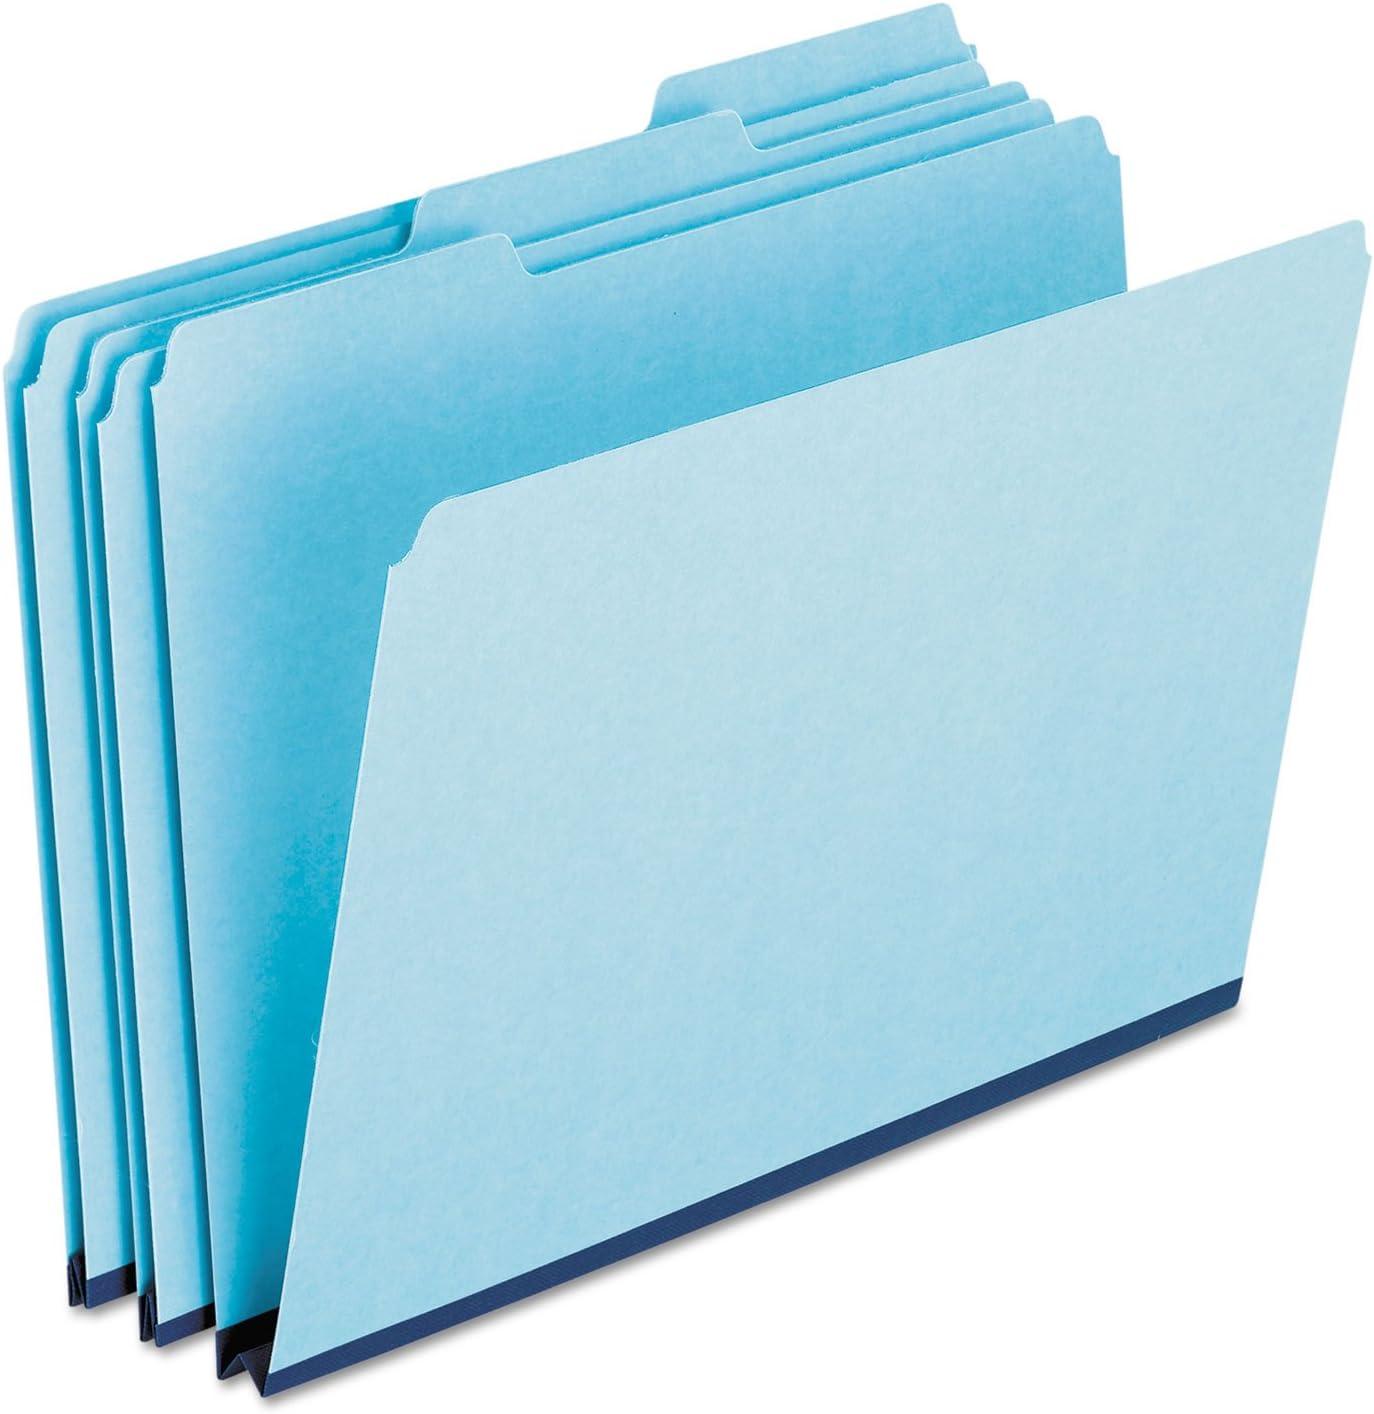 PFX9200T13 Pressboard Expanding Popular standard File Folders 1 Top 3 Tab L Max 82% OFF Cut